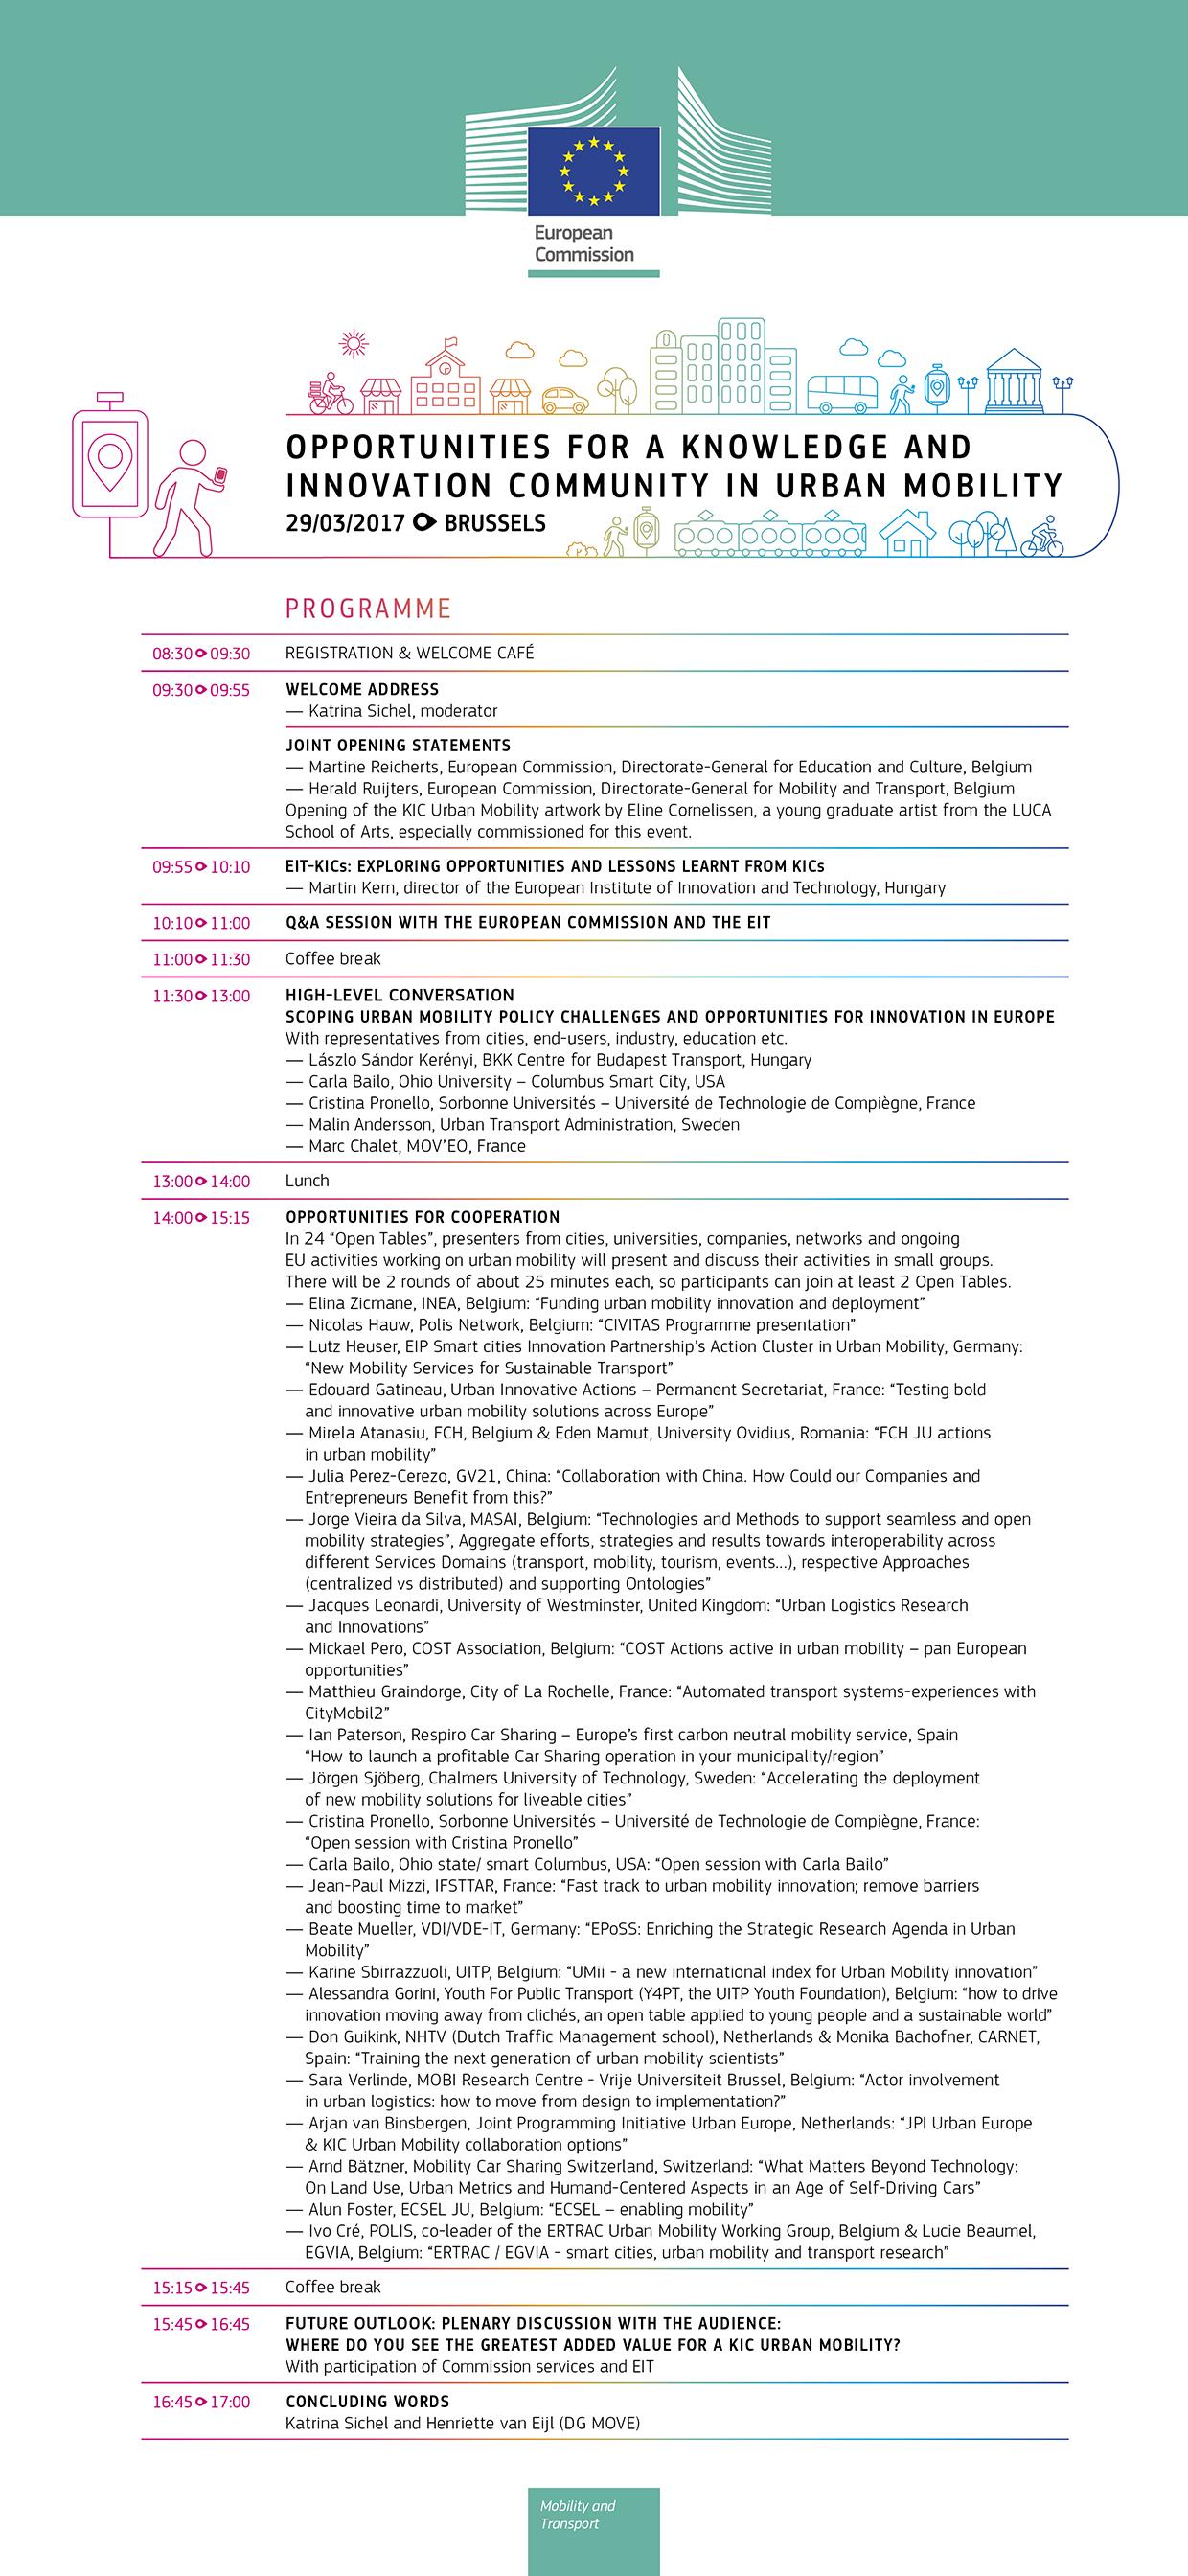 EIT-KIC_ProgrammeA4_170217-150dpi